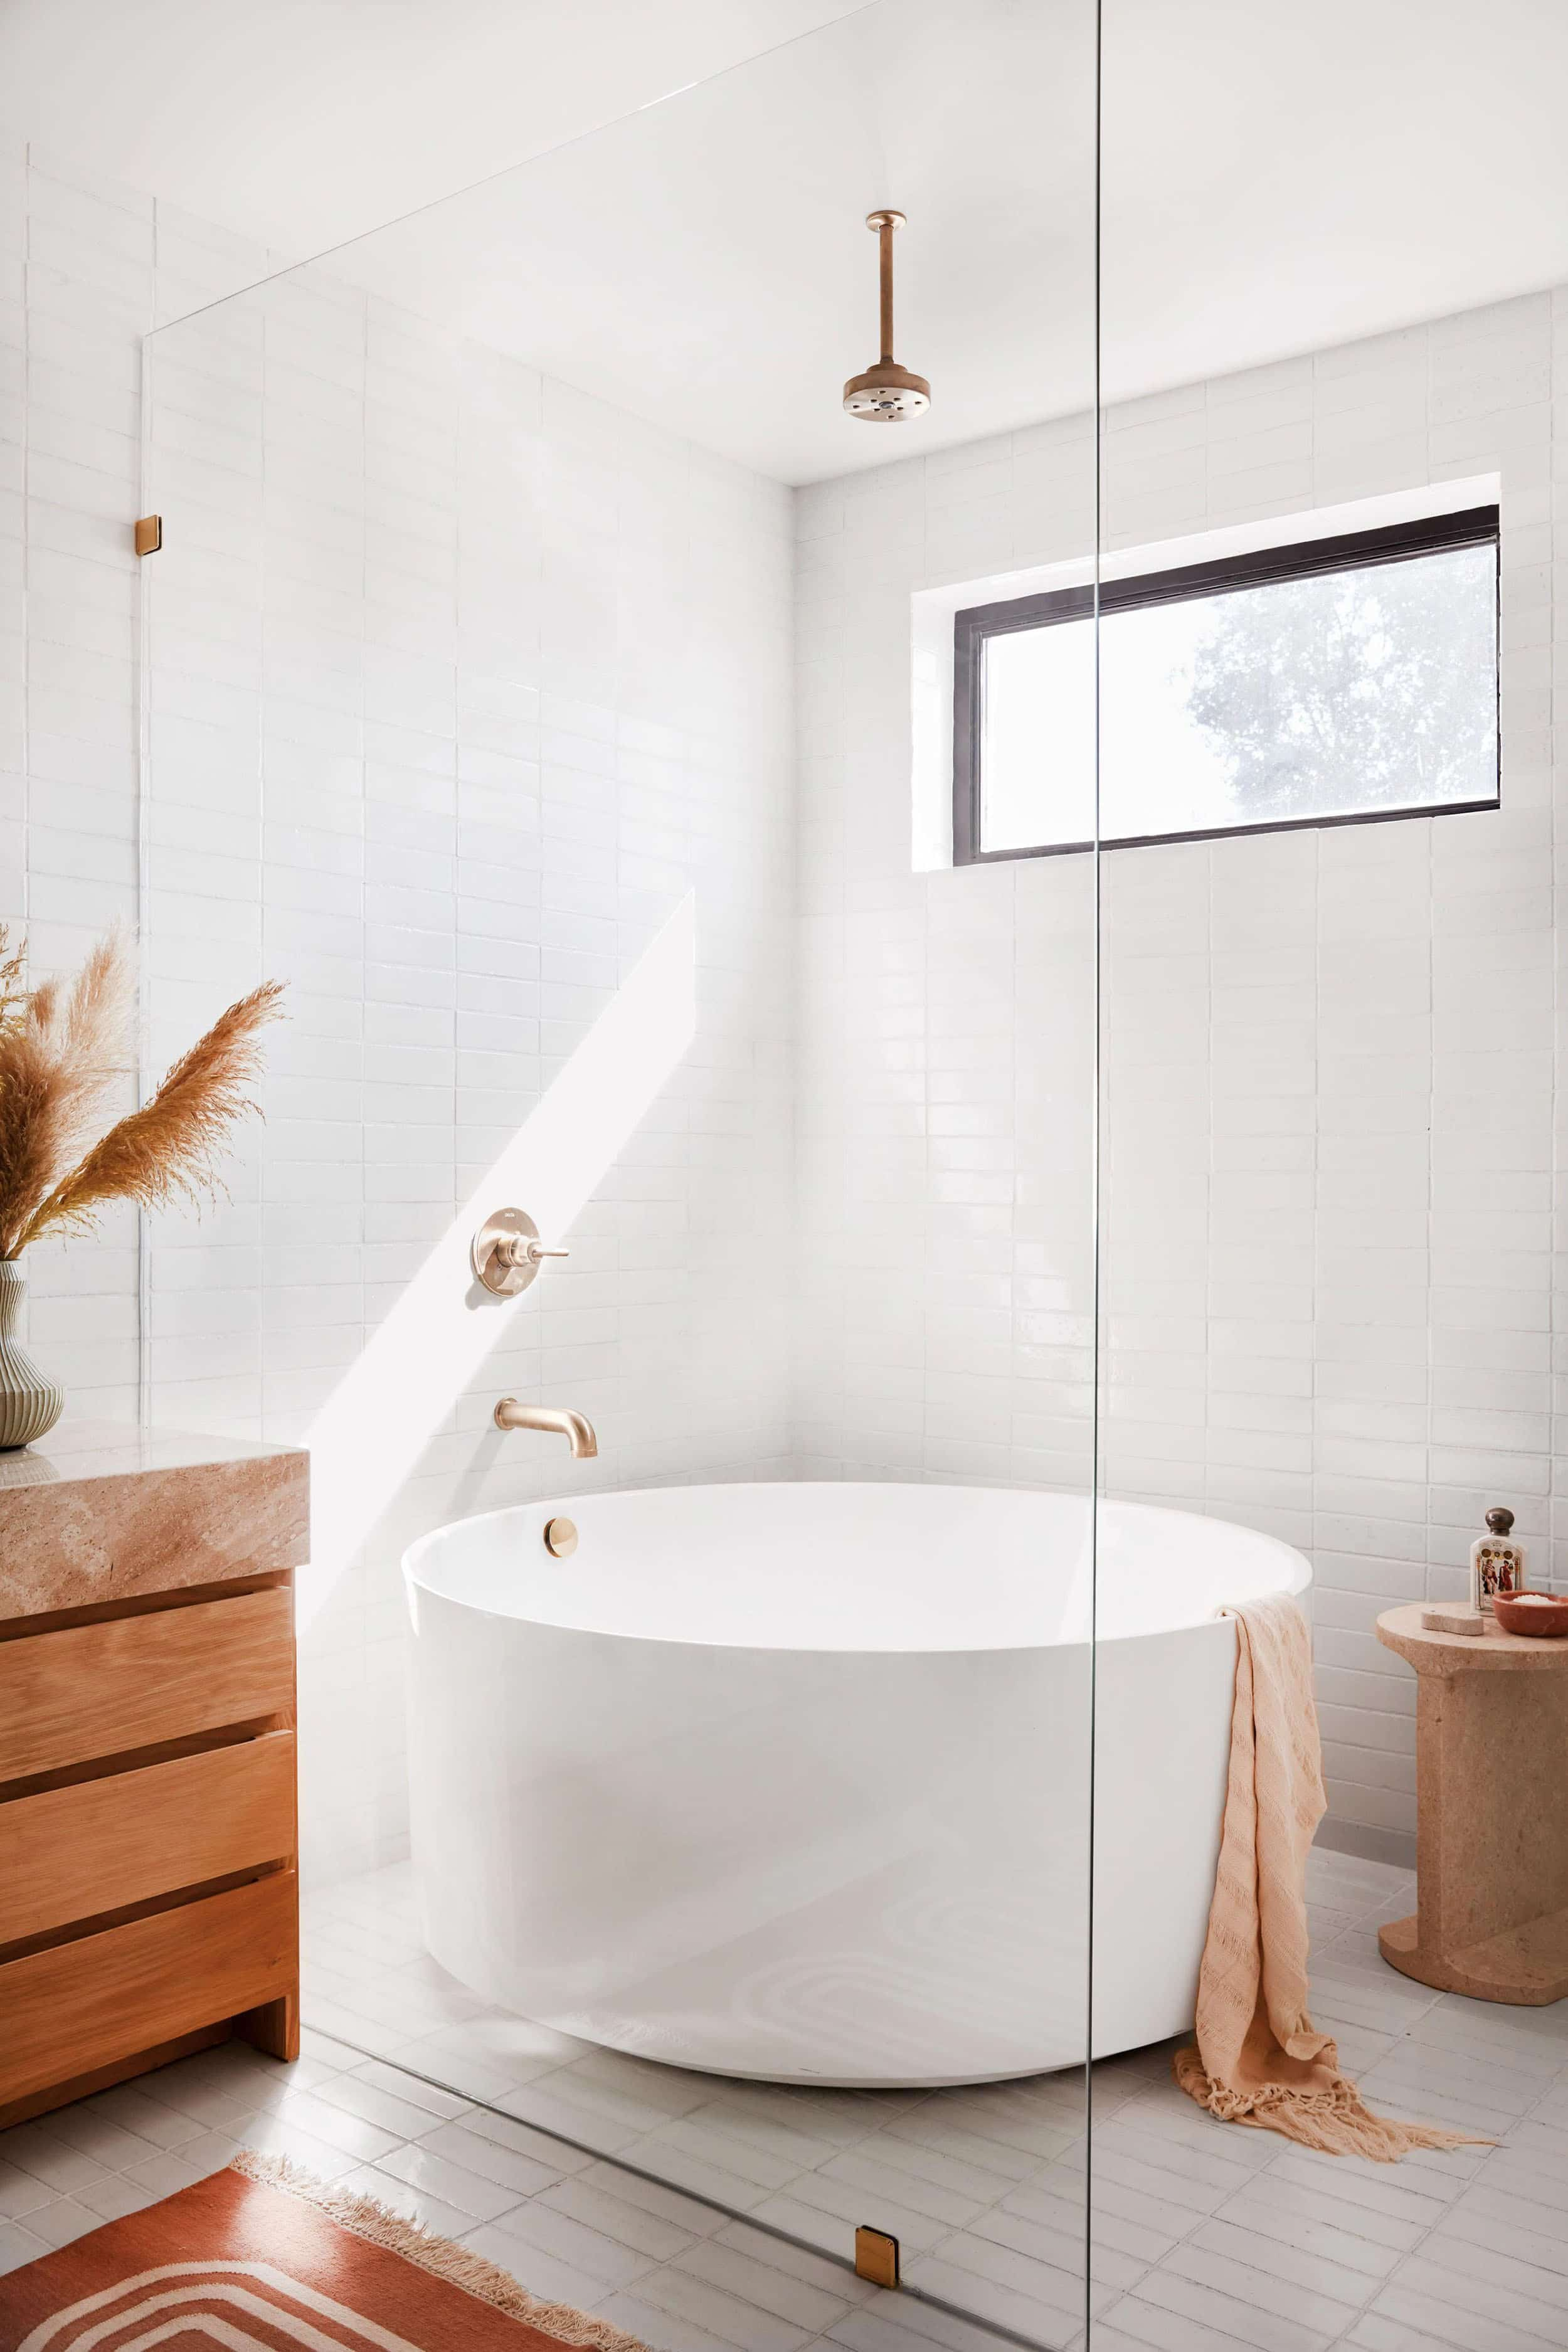 the 9 best 2020 bathroom trends we wish